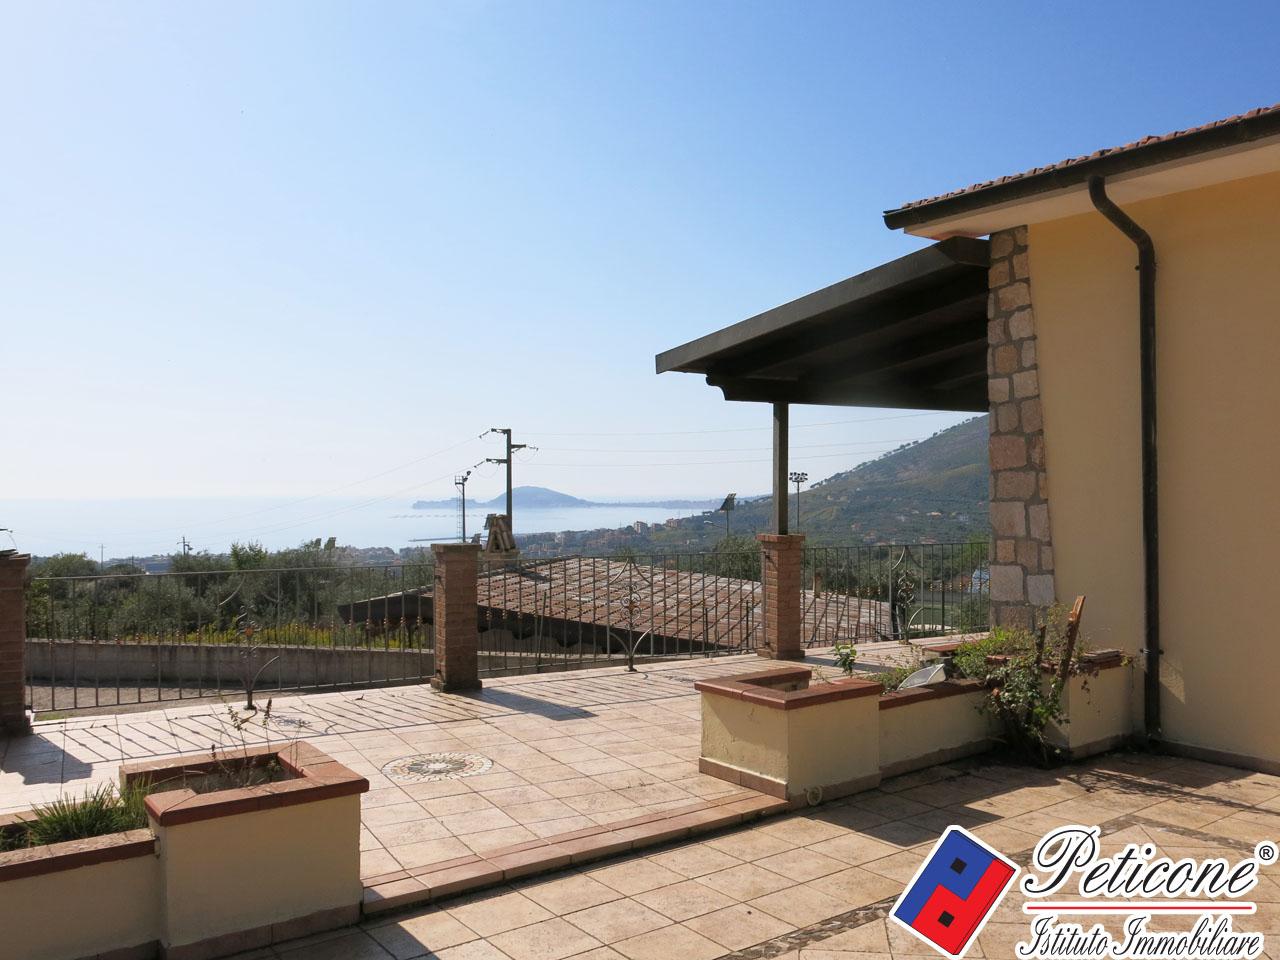 Villa in Vendita a Formia: 4 locali, 90 mq - Foto 2